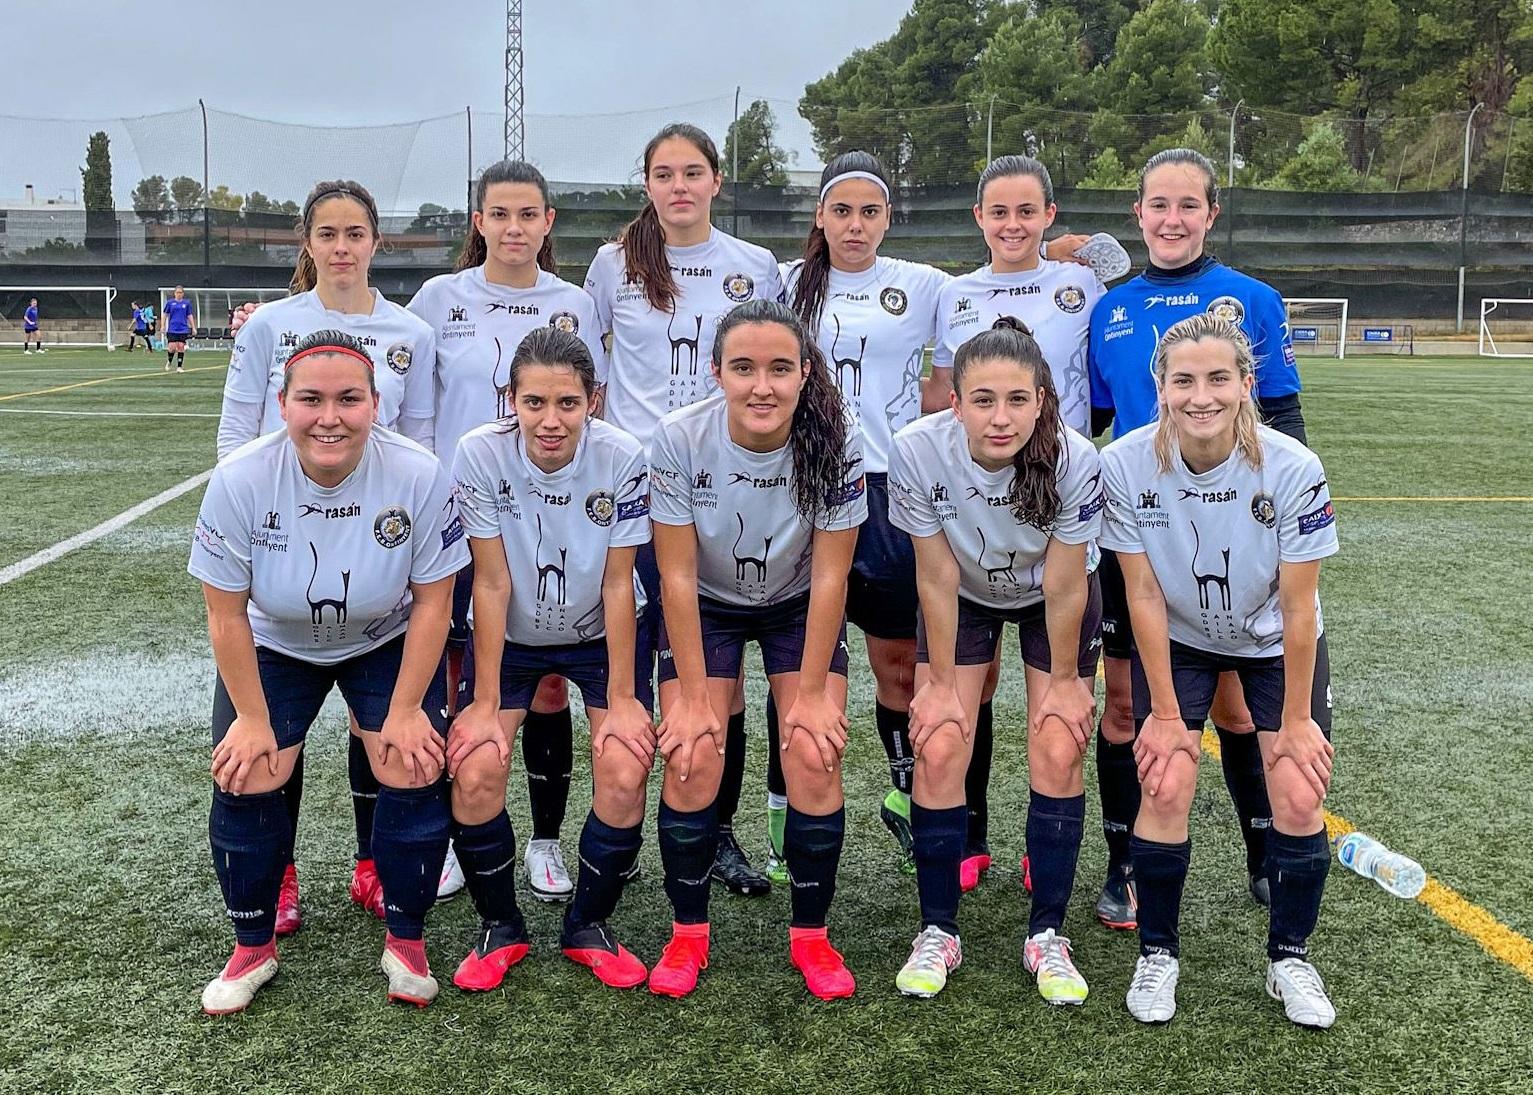 Amateur Femení 2 - 4 Castellonense